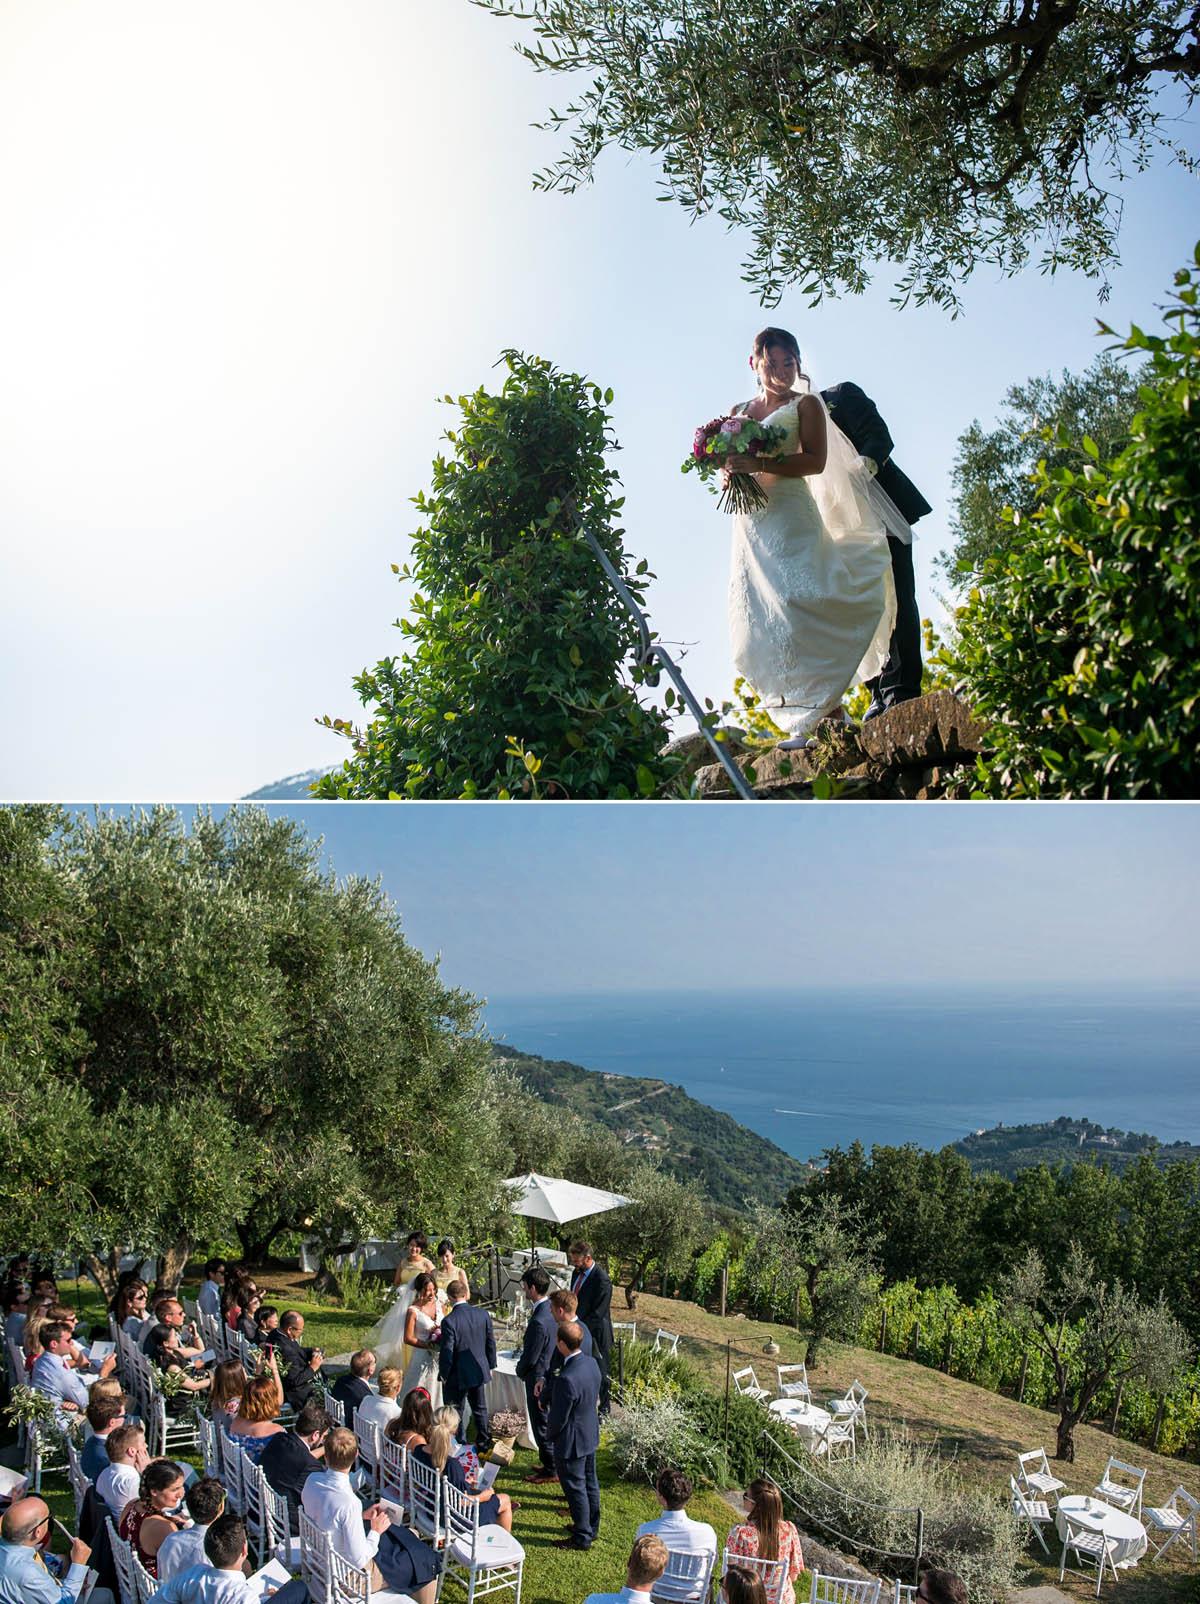 Matrimonio alle cinque terre monterosso vernazza